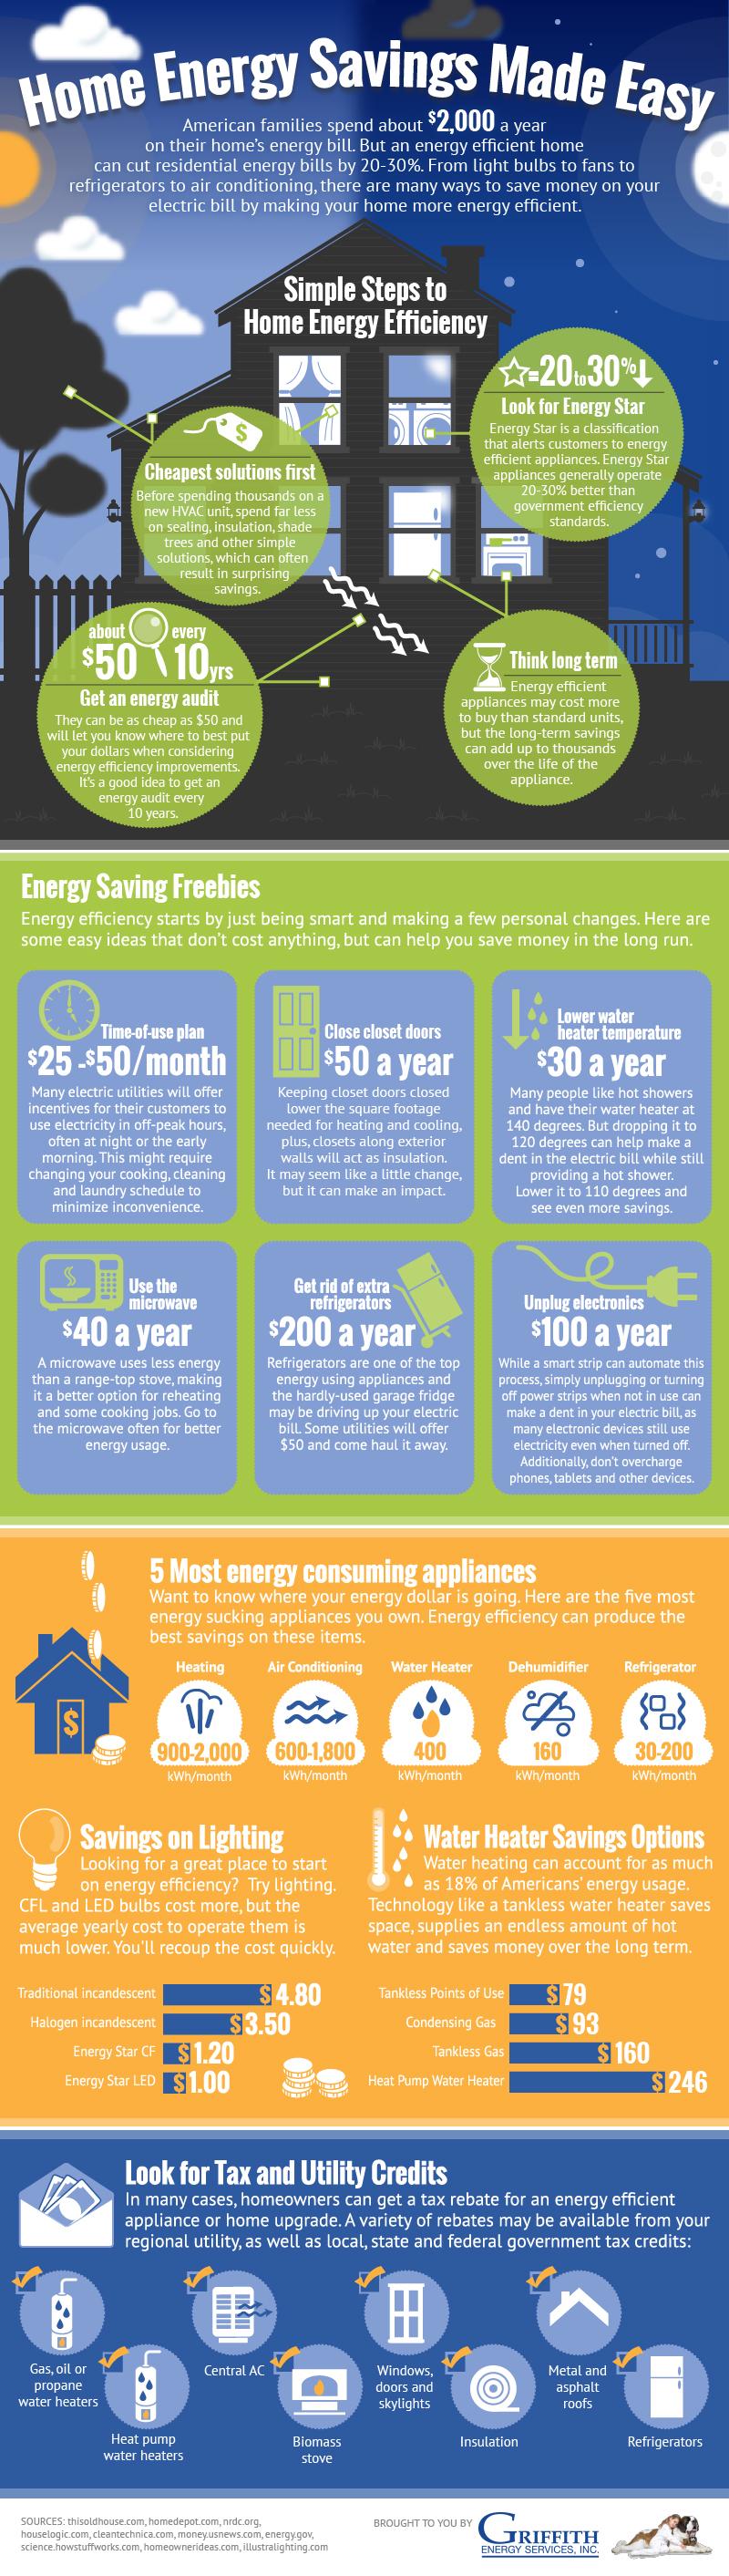 Energy savings ingographic